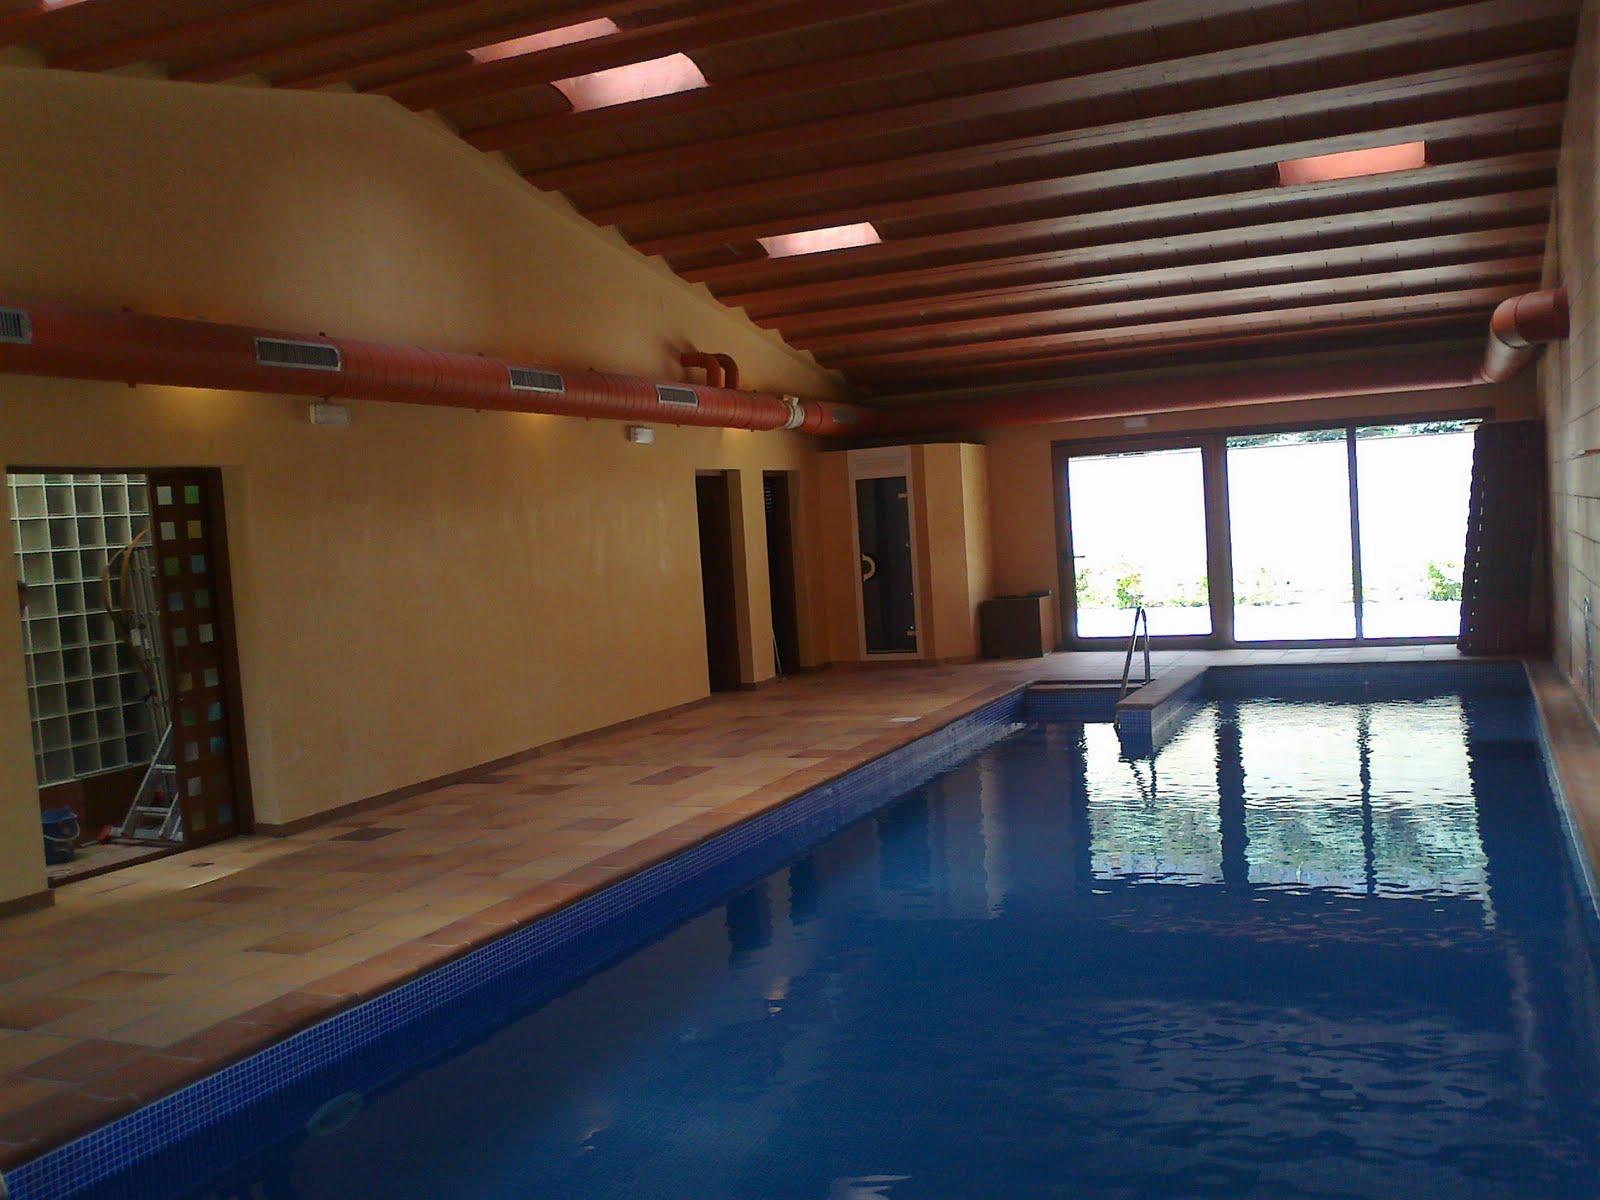 Calentar agua piscina con aerotermia aerotermia y geotermia for Calentar agua piscina